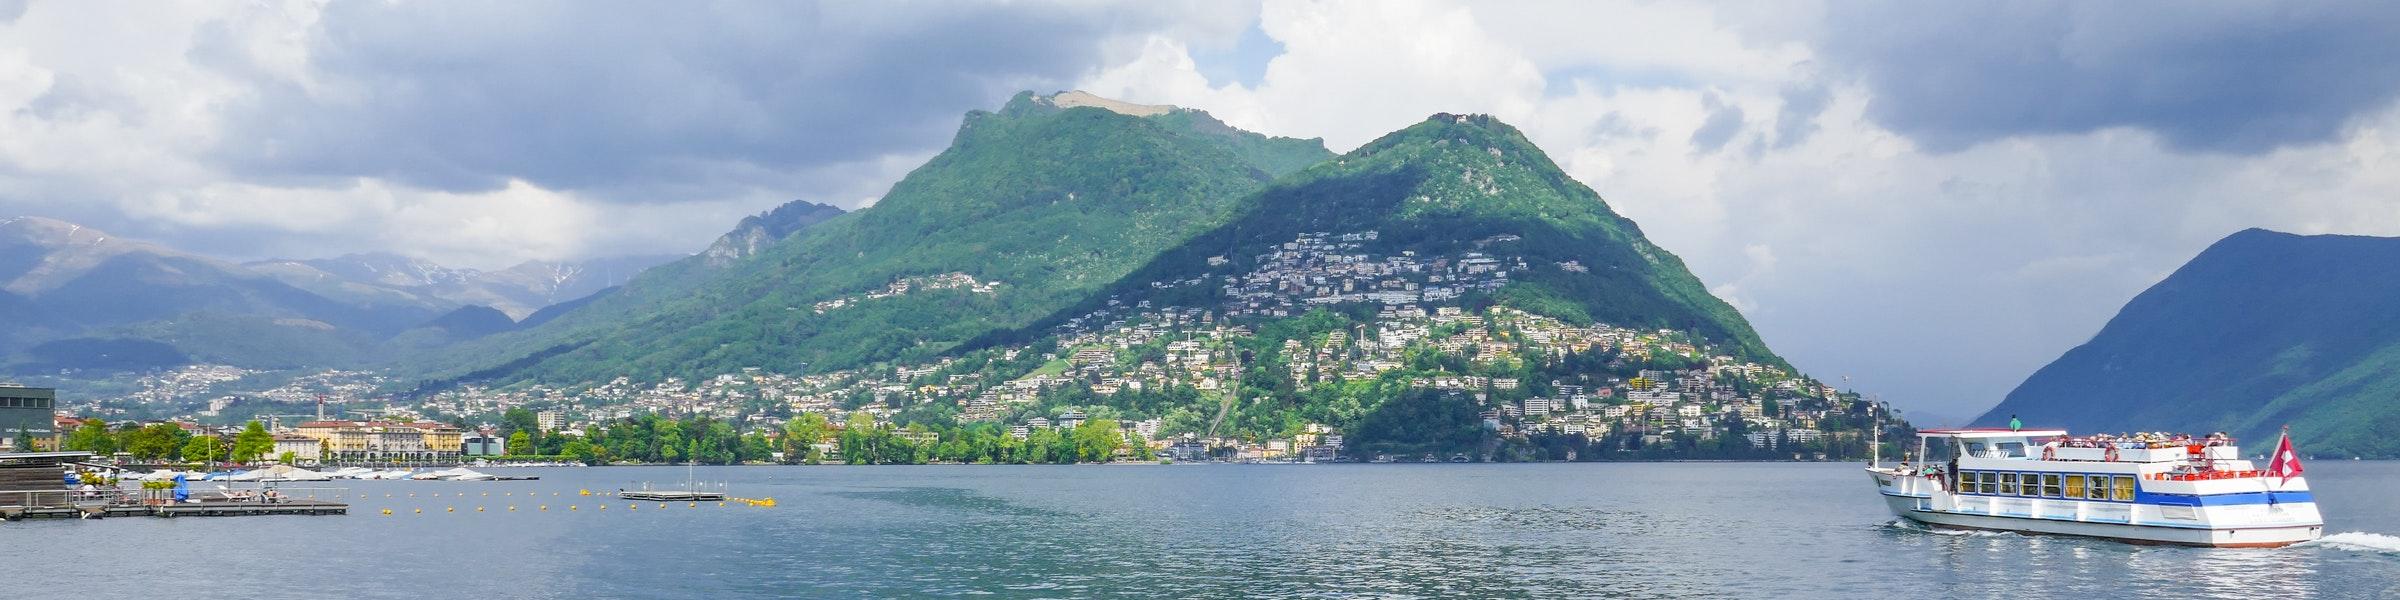 Boot op het Lago di Lugano